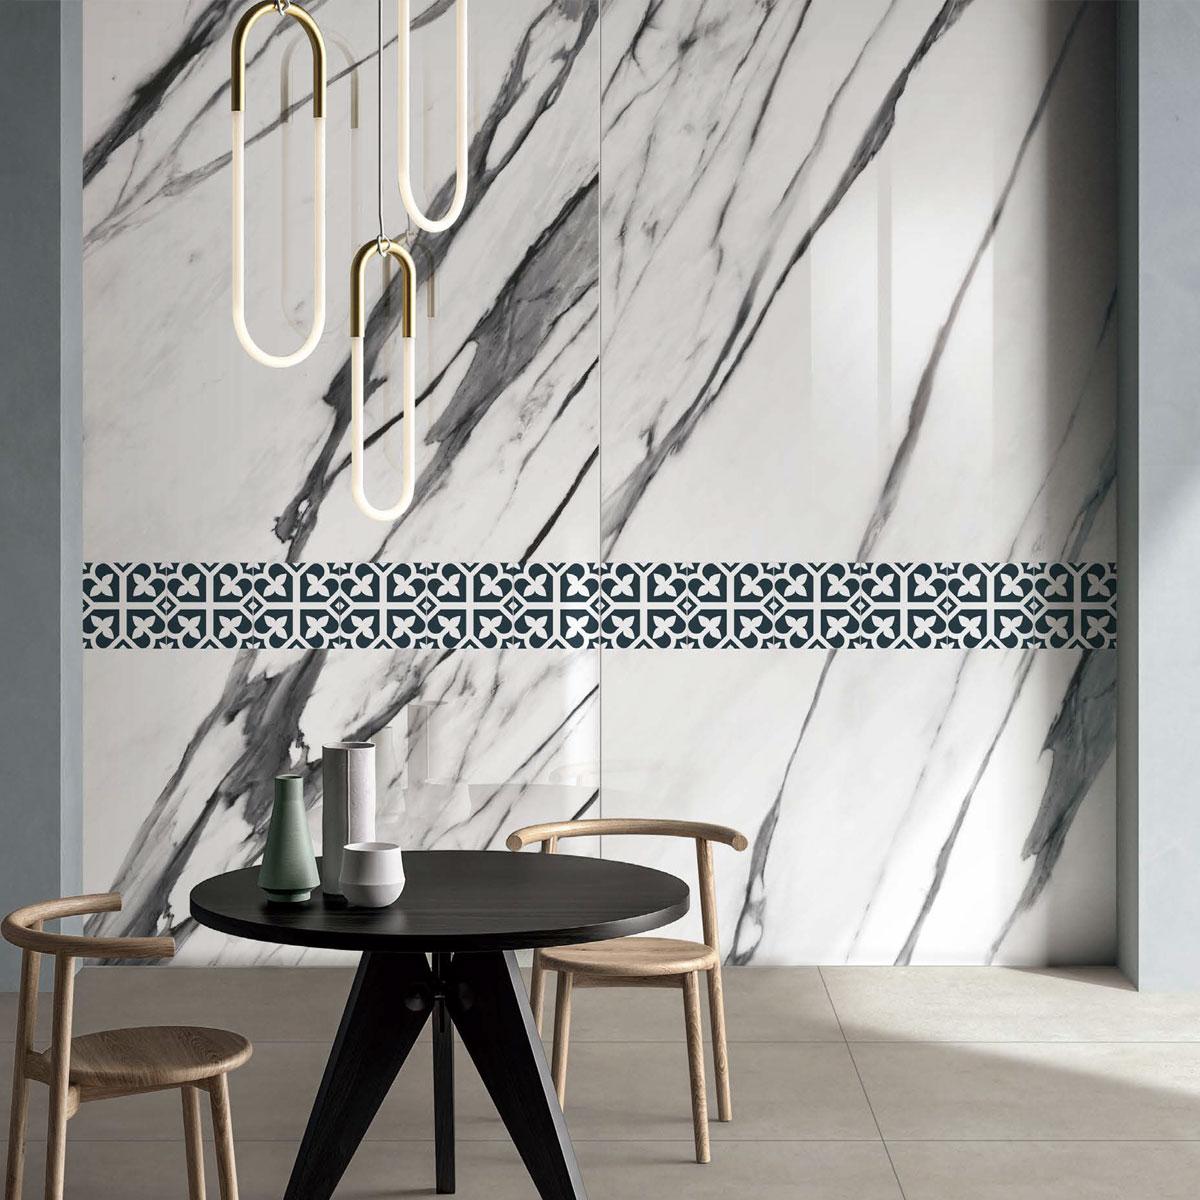 Picasso Evolution - Bloom Navy Blue - Patterned Tiles - Stone3 Brisbane